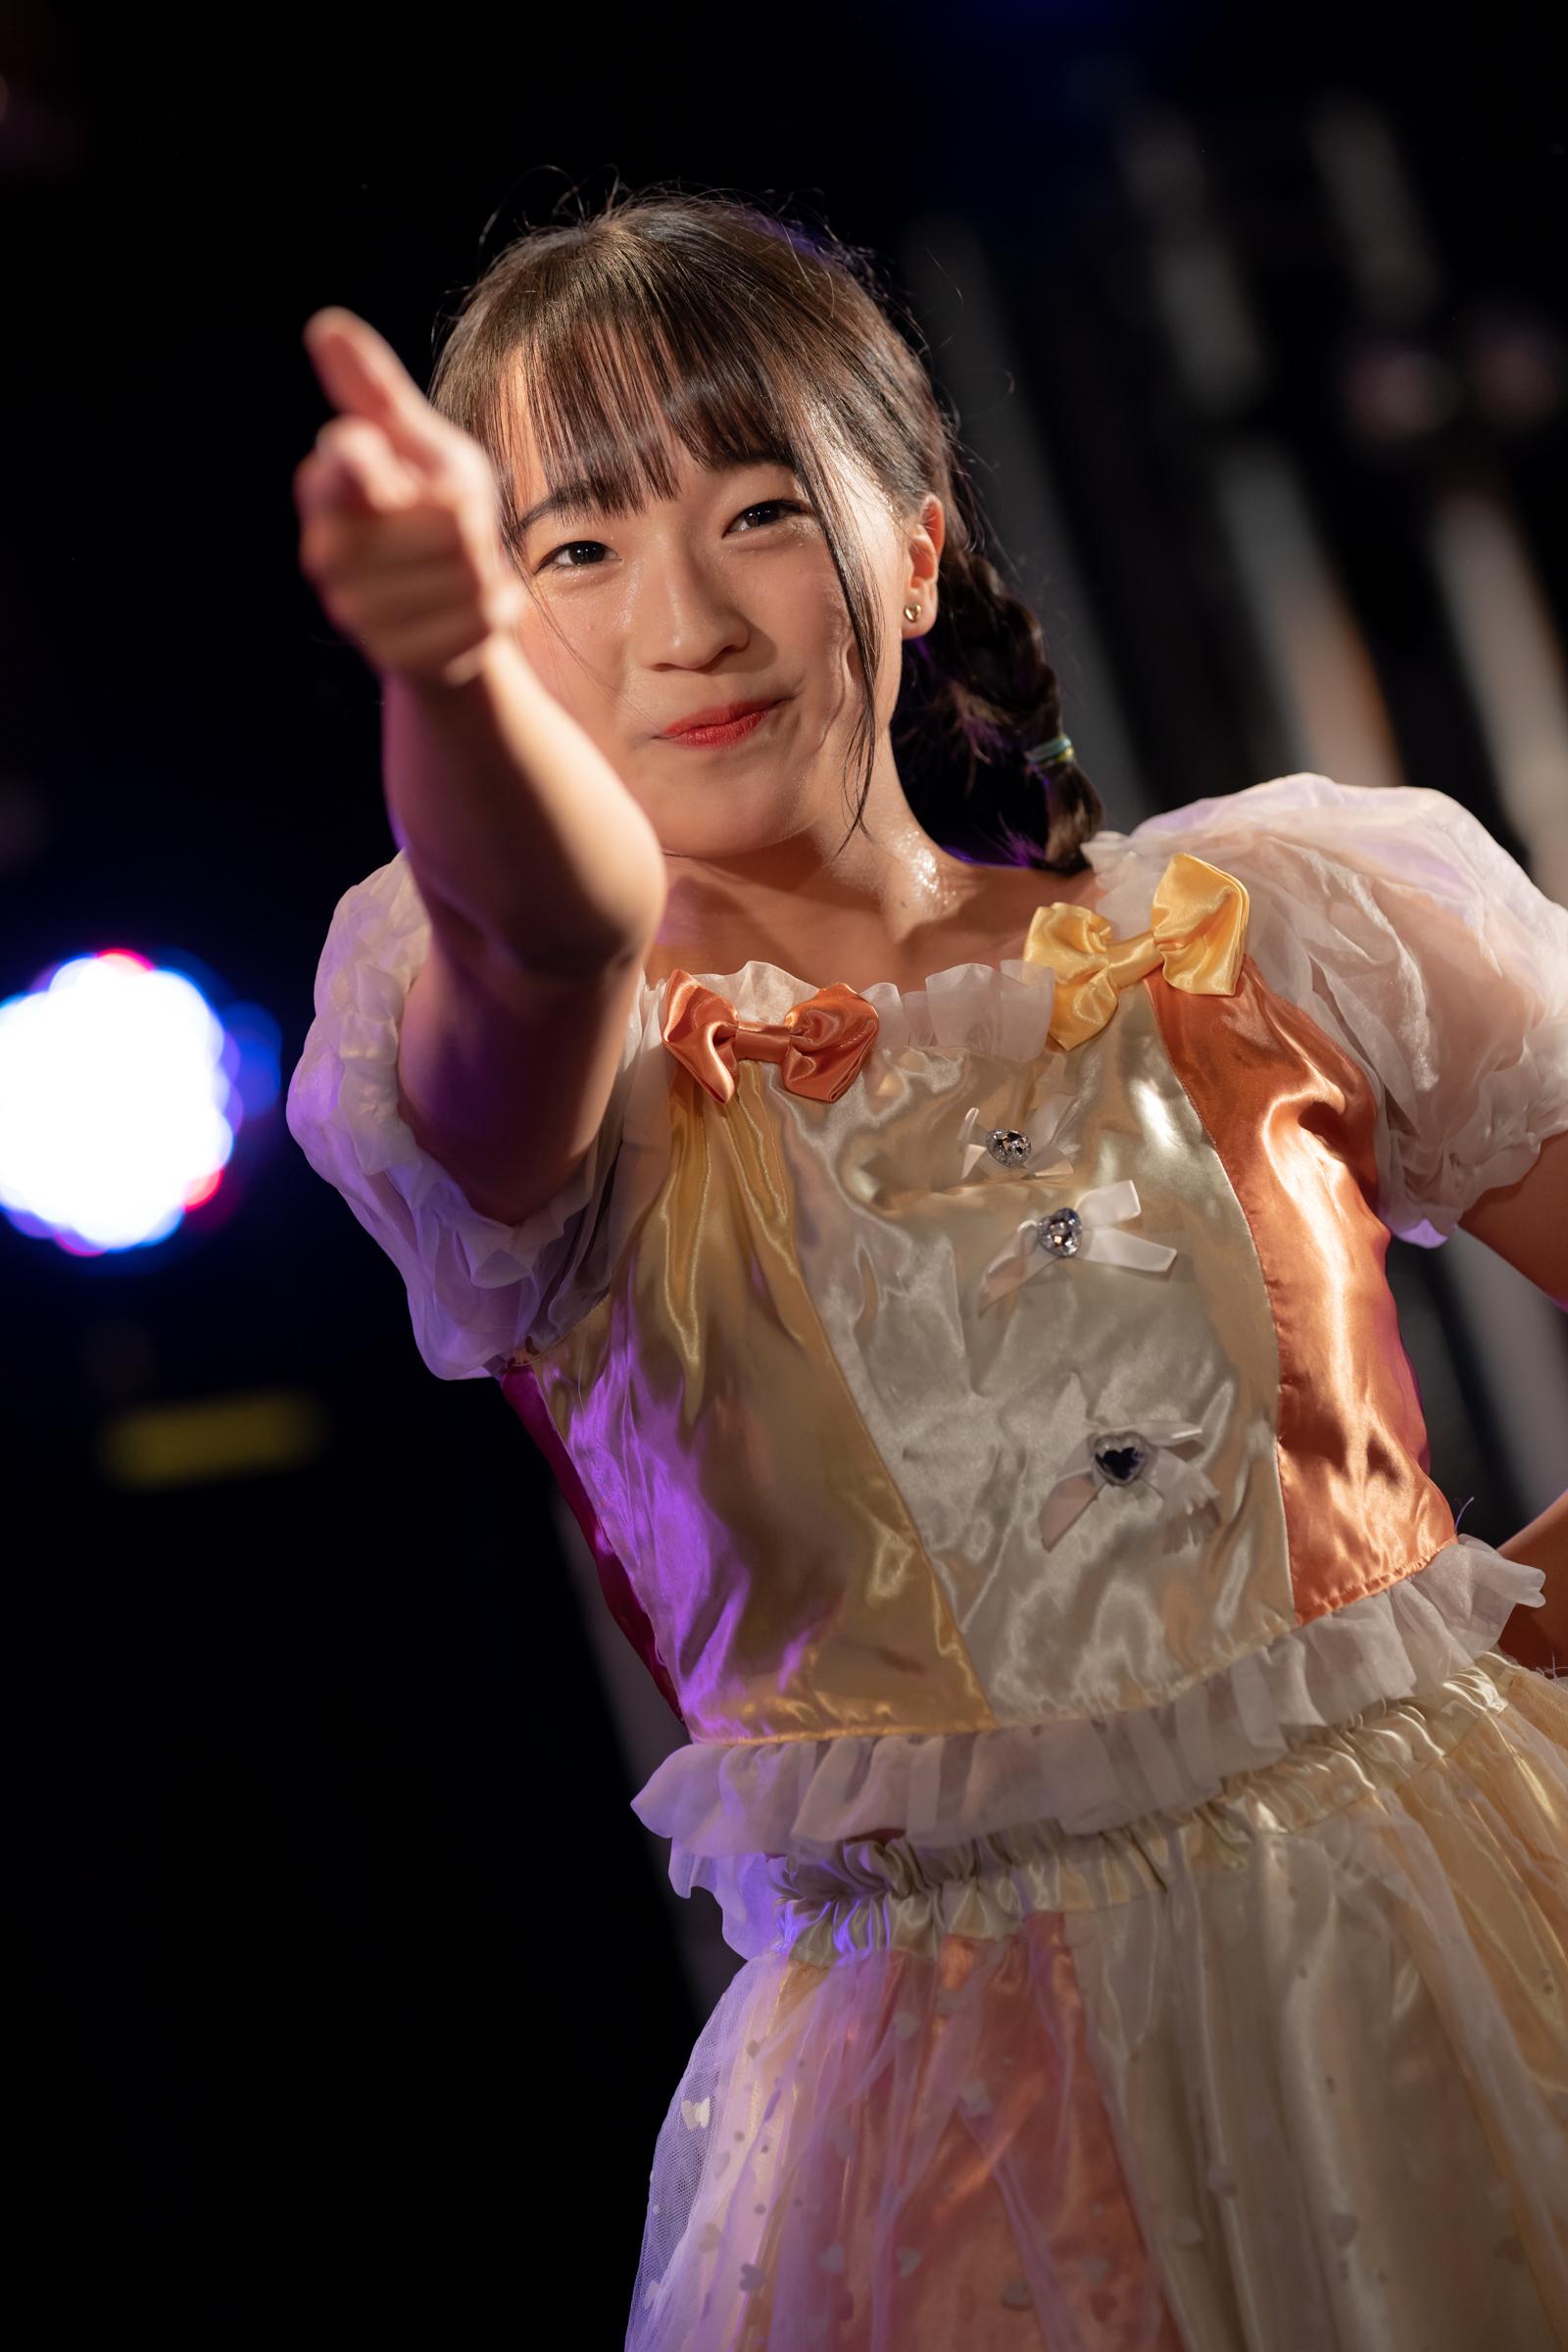 ぷりんせす♡たいむ ひーちゃん ( 阿部寿世 ) | フルーティー定期公演フルーツバスケット~おまる生誕~